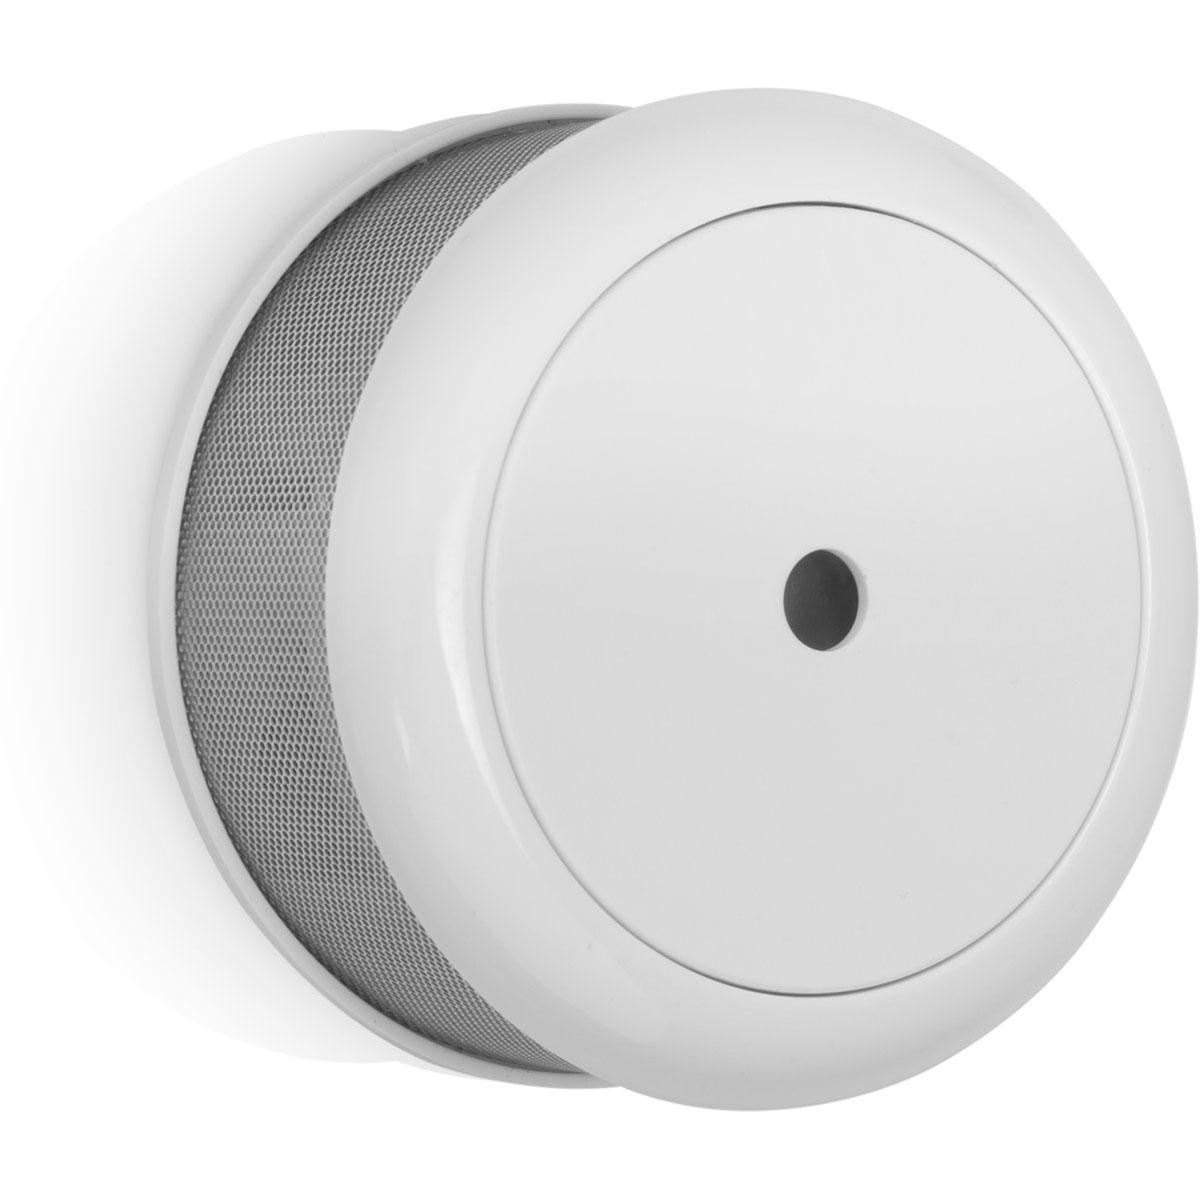 Afbeelding van Rookmelder Mini Smartwares